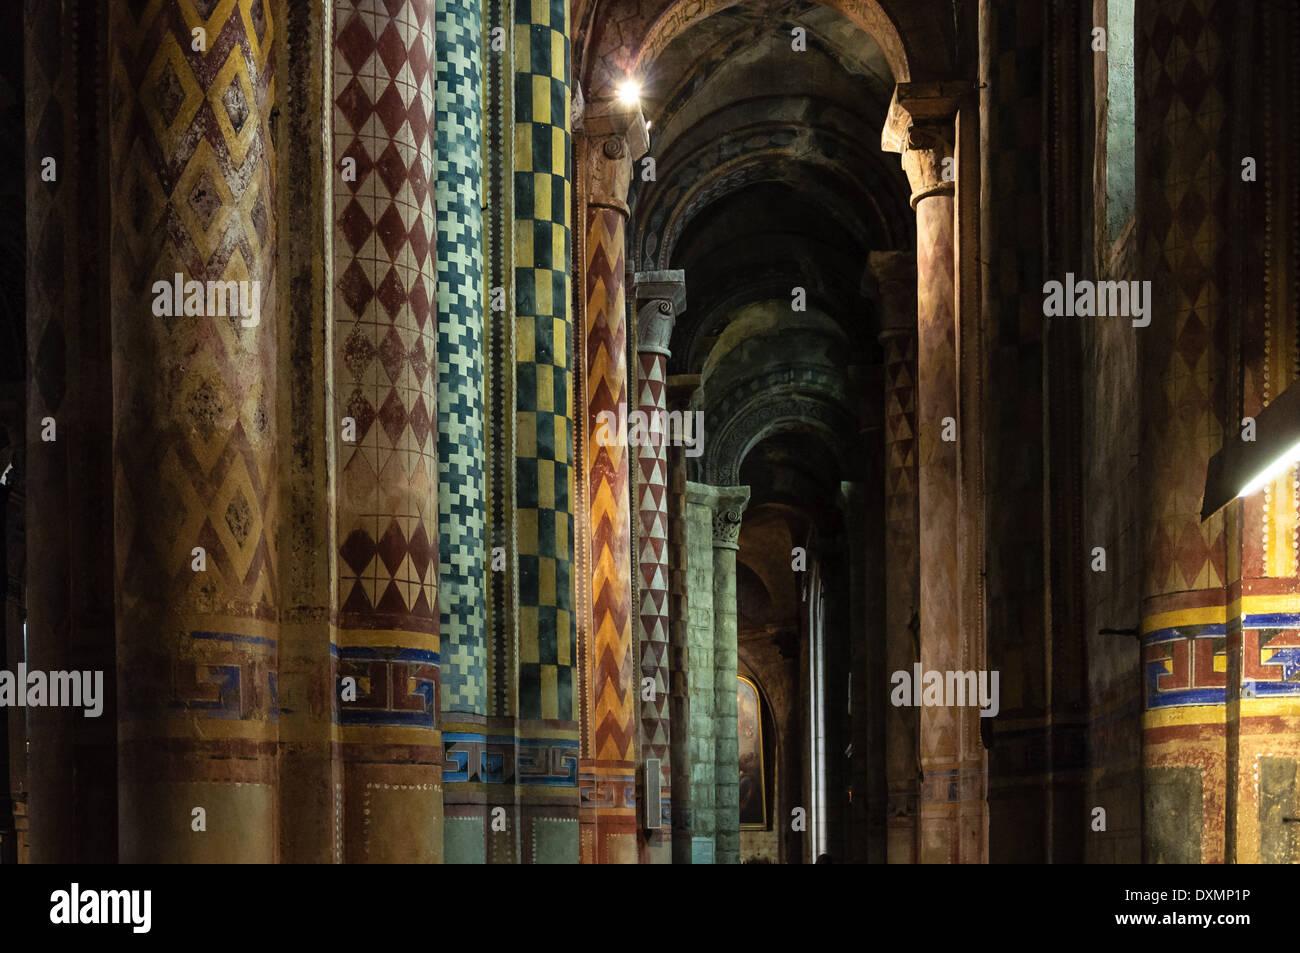 Interior Architecture Of Eglise Notre Dame La Grande Poitiers Stock Photo Alamy